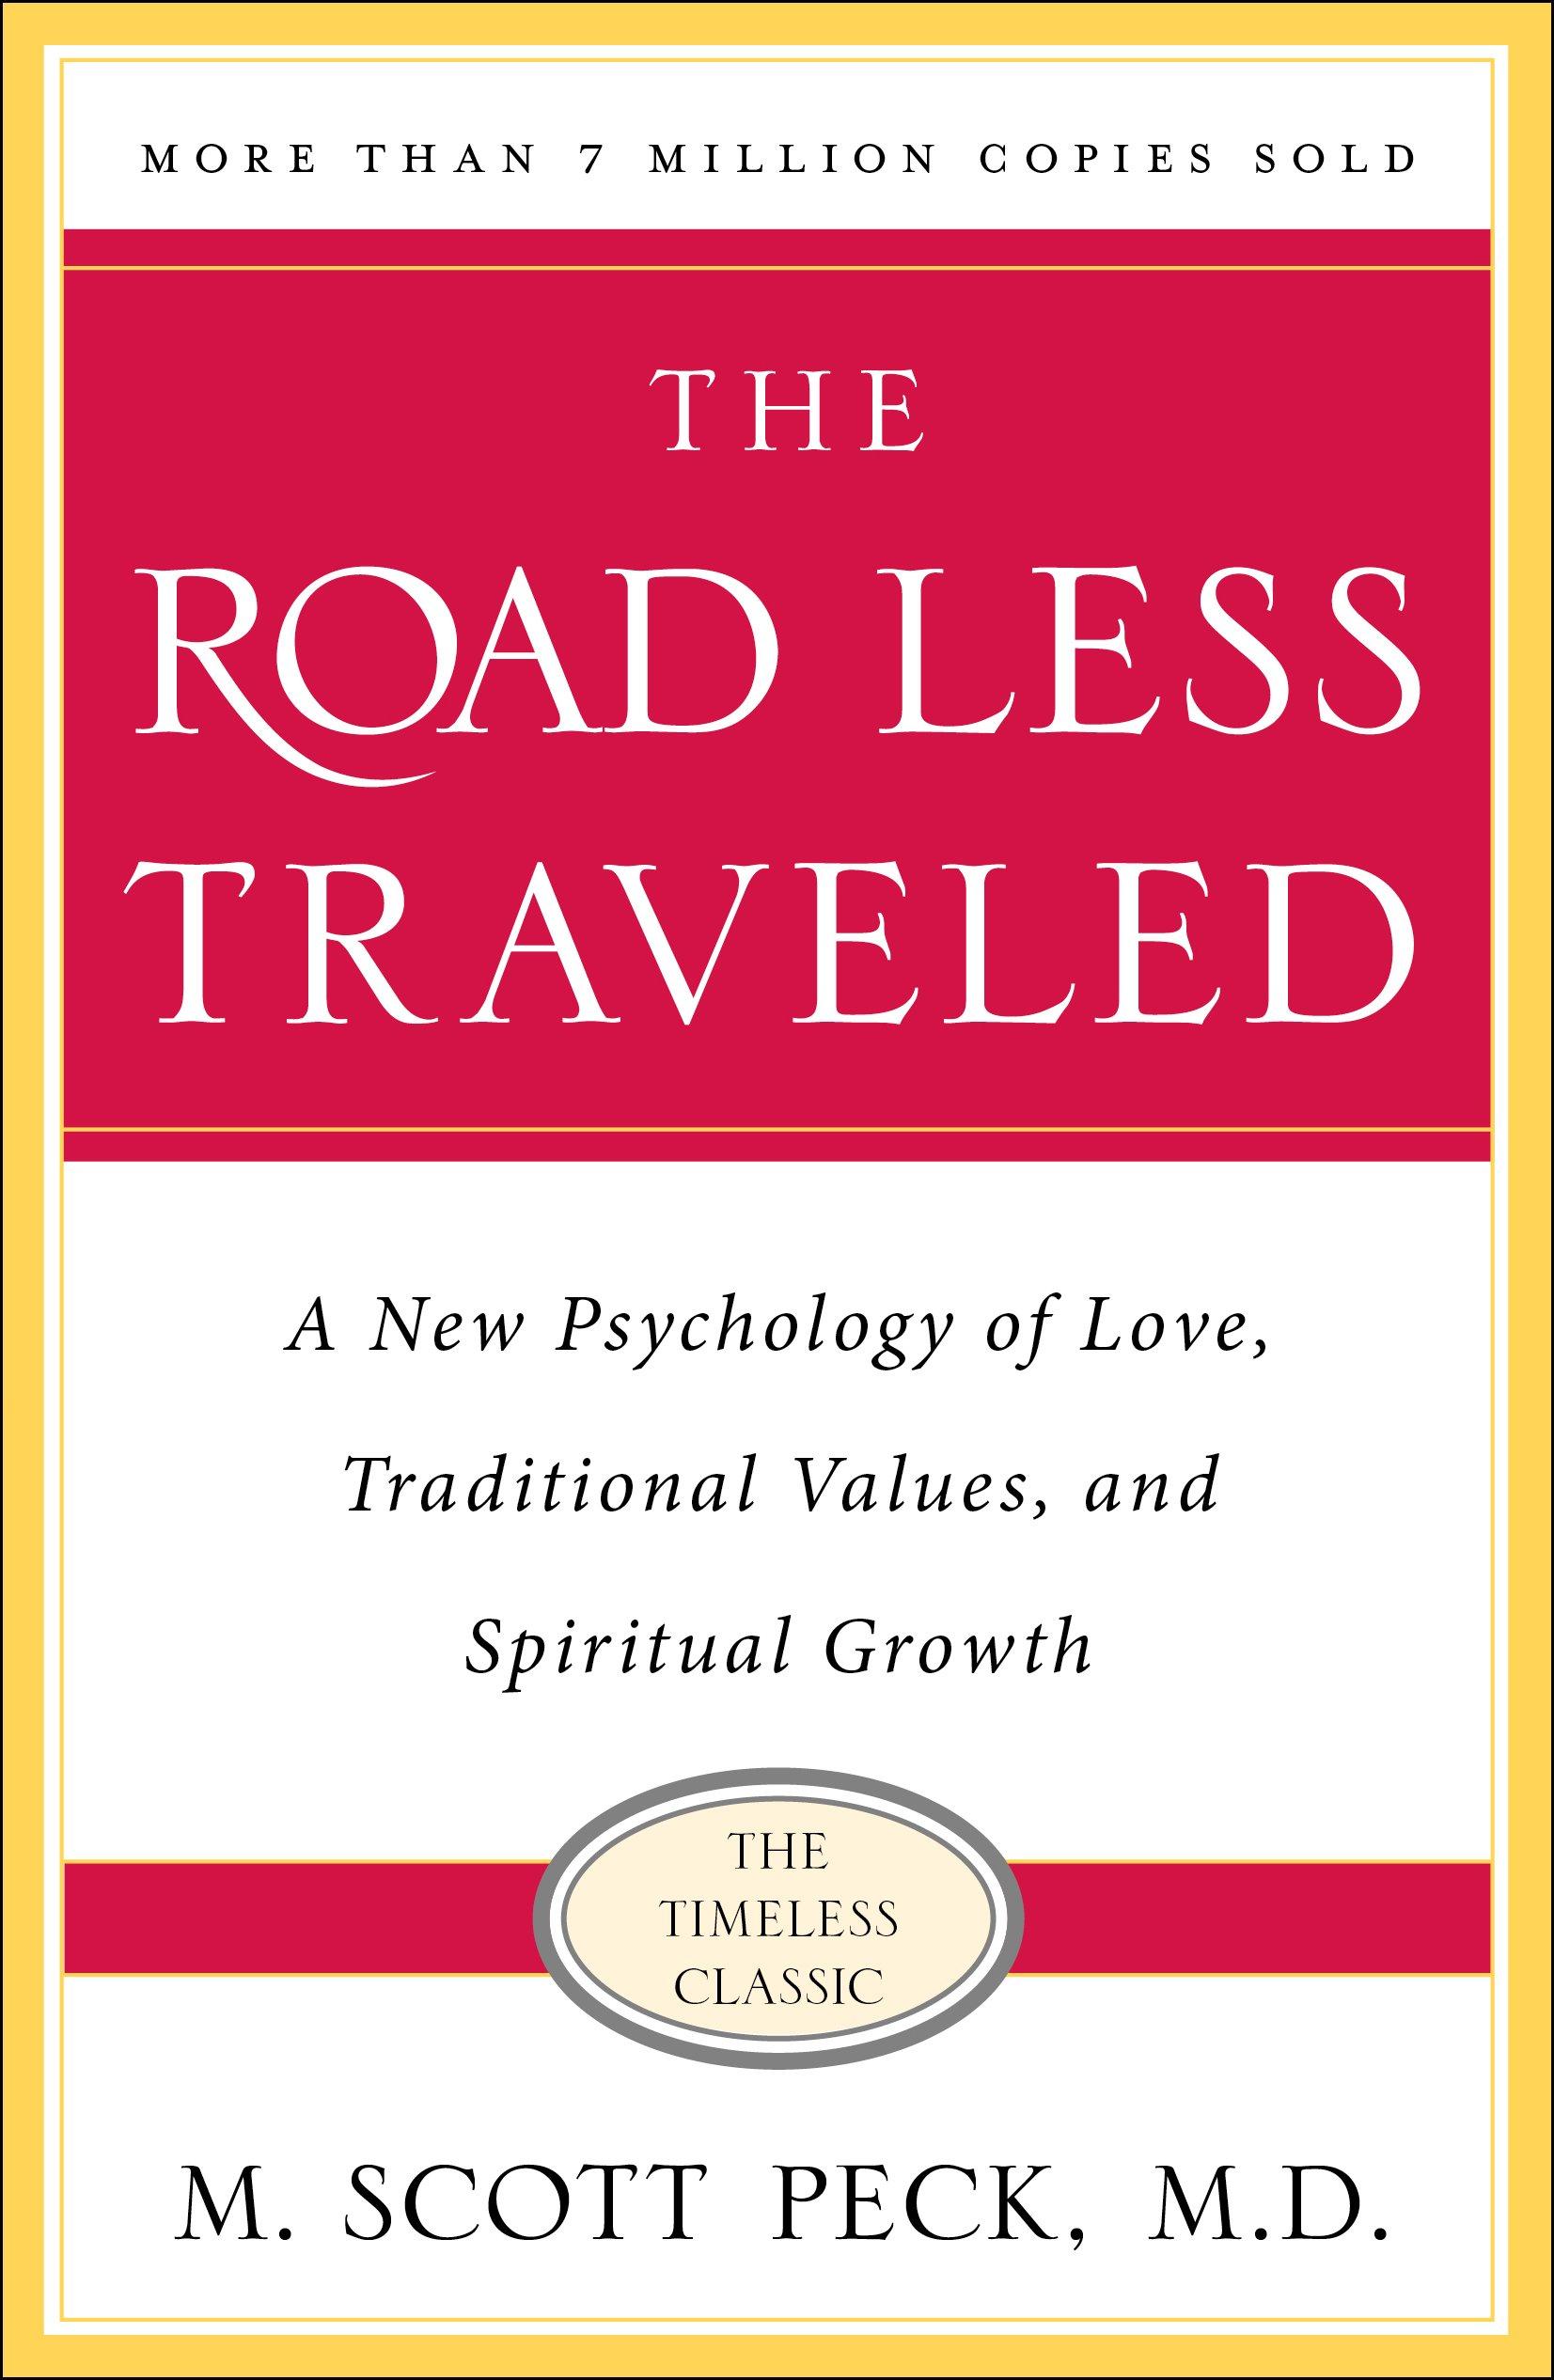 The Road Less Traveled Summary